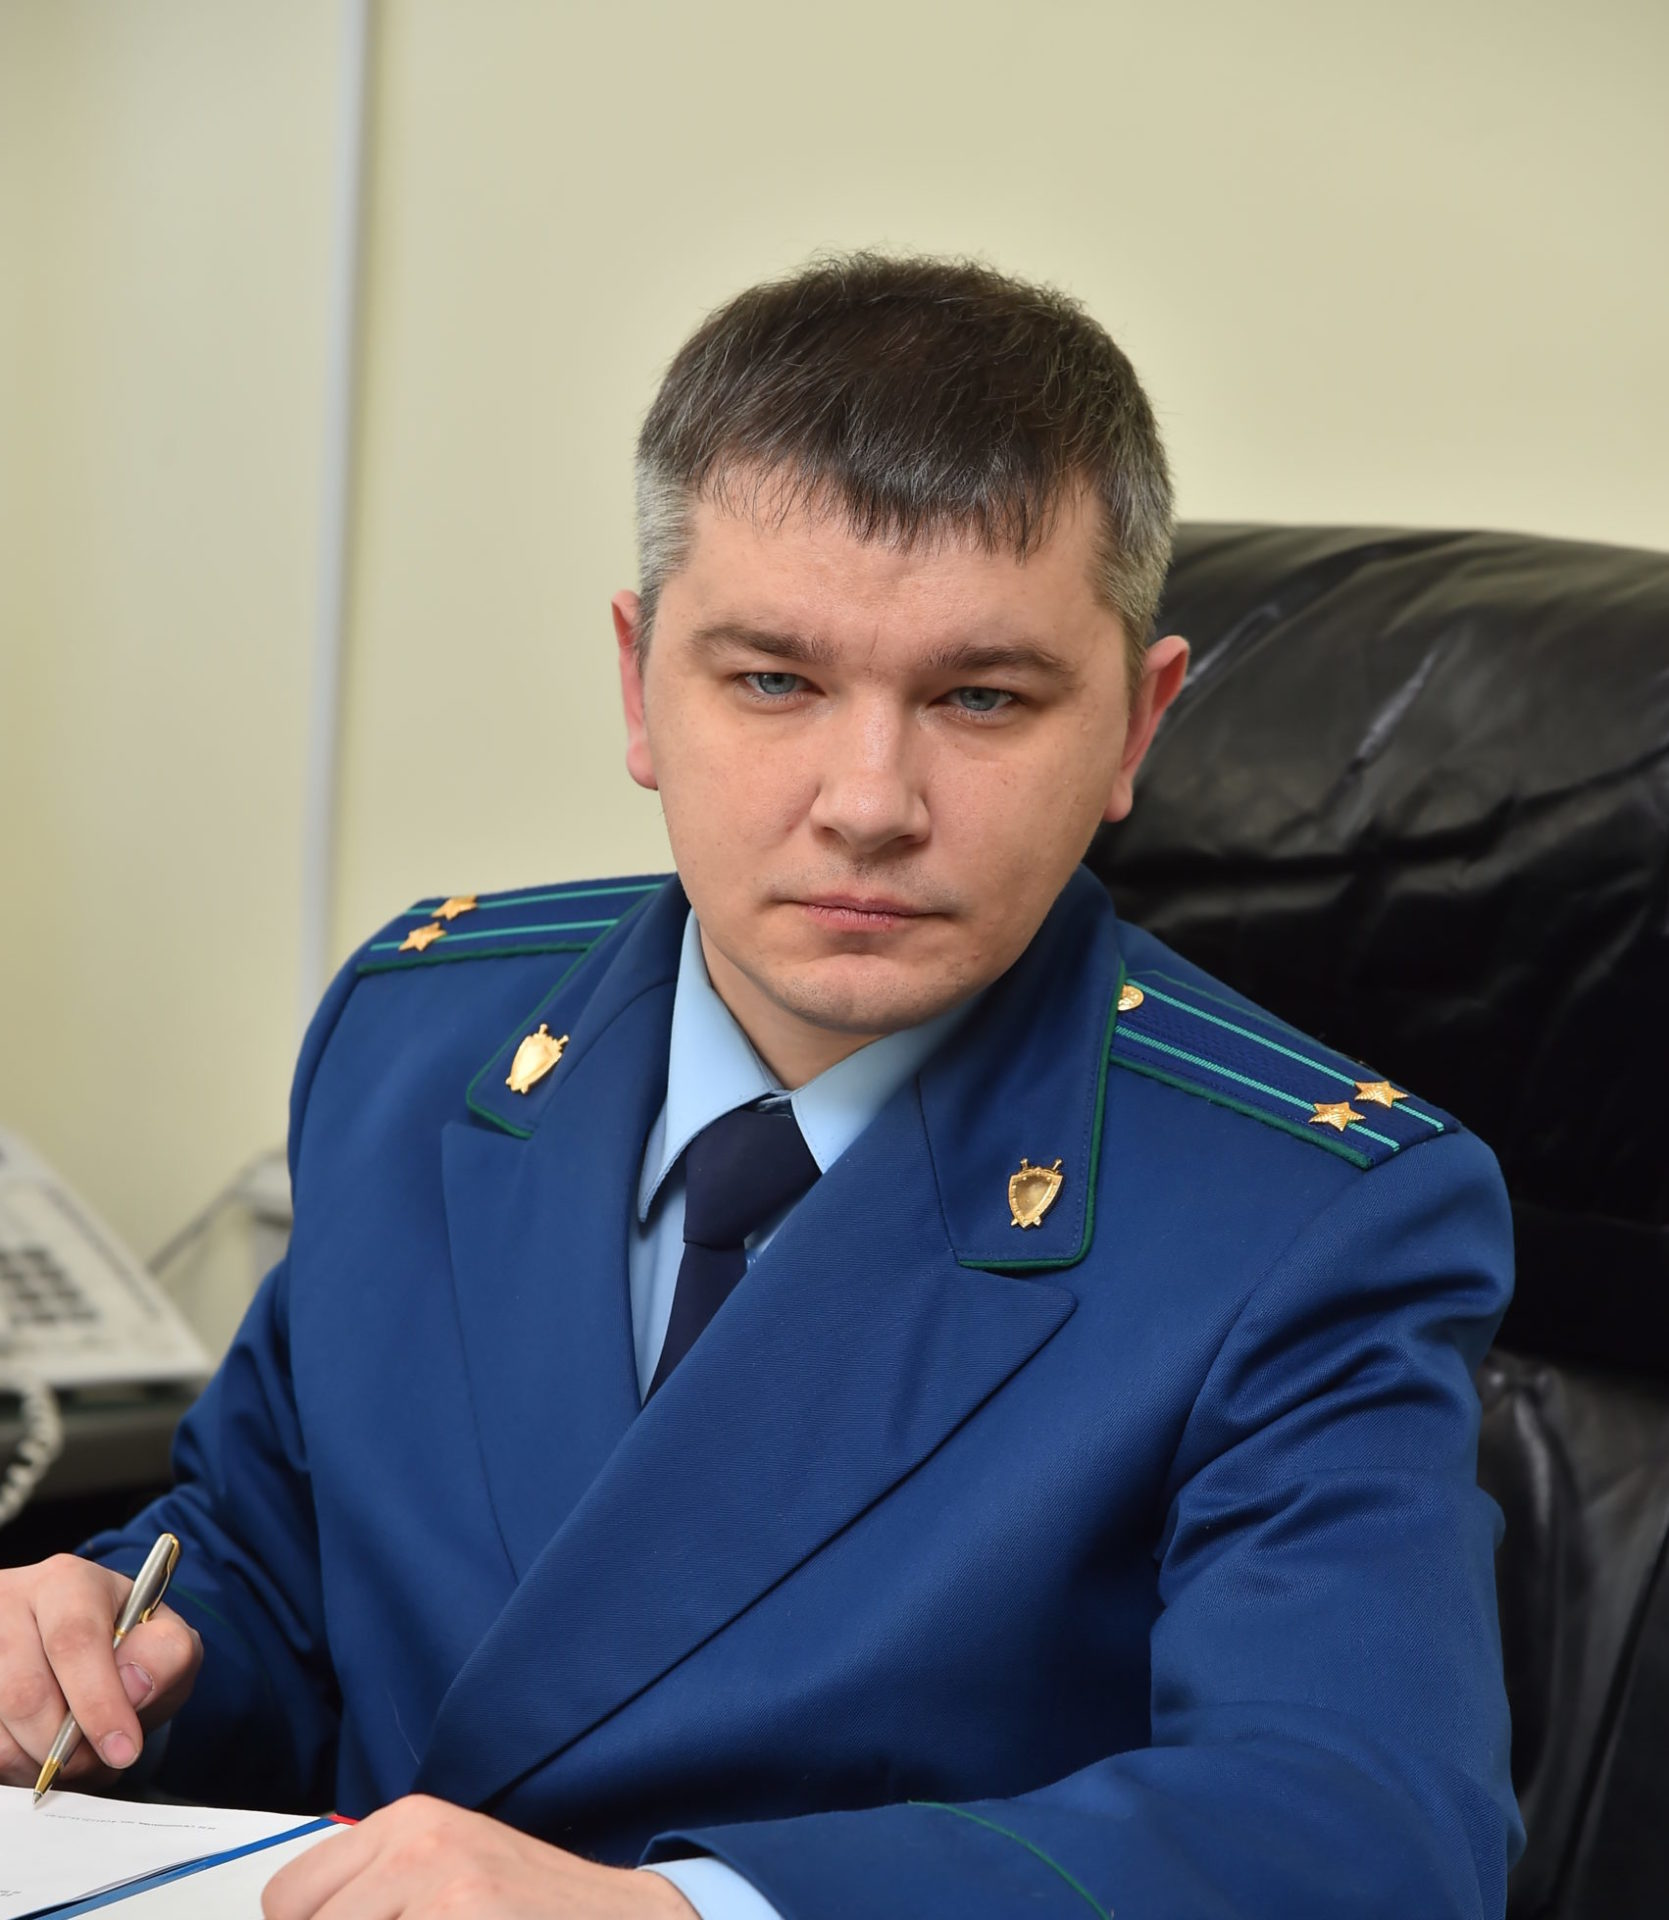 Прокурор Владислав ДЕНИСЮК: С Якутском не прощаюсь!